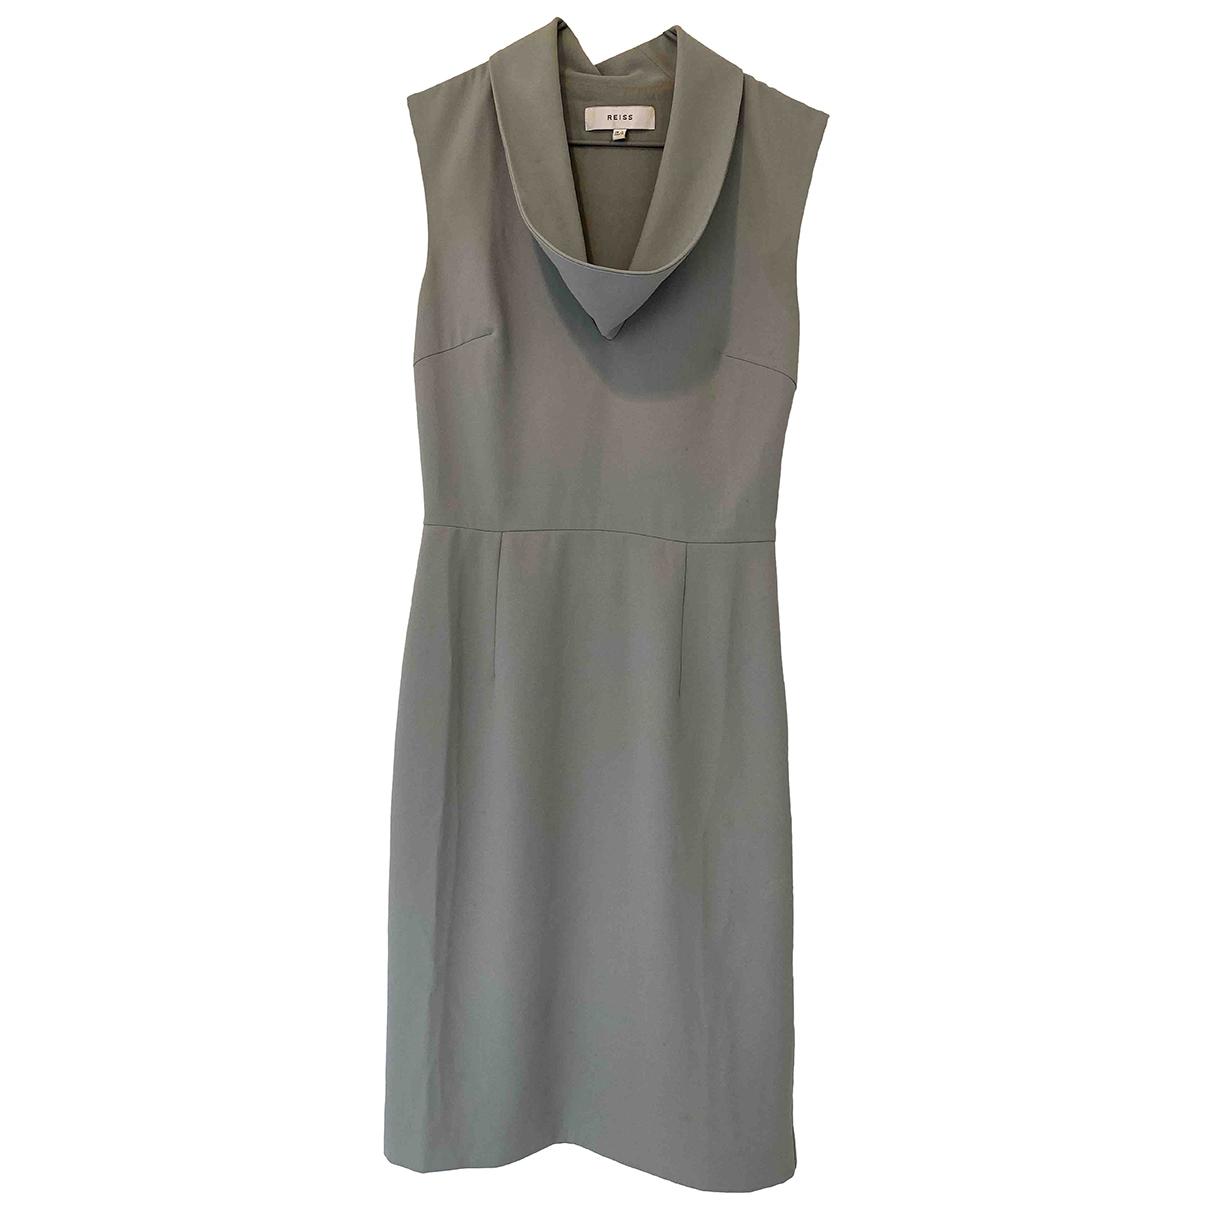 Reiss \N Ecru dress for Women 4 UK